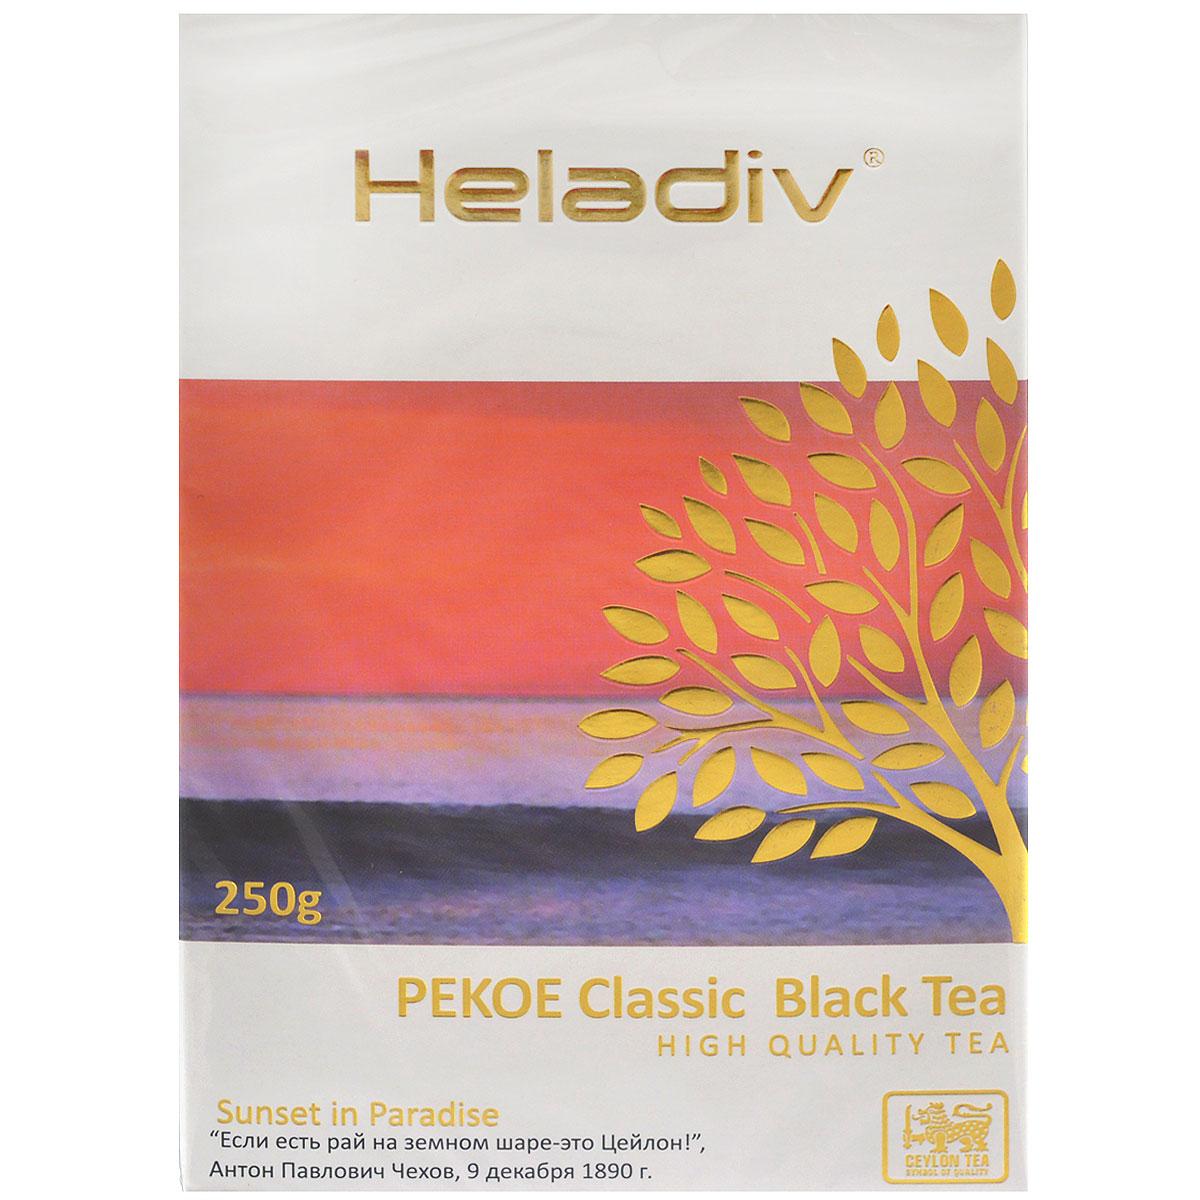 Heladiv Pekoe чай черный листовой, 250 г4791007006404Heladiv Pekoe - крепкий тонизирующий чай ПЕКО из молодых, специально скрученных верхних листьев. Для усиления его тонизирующих свойств отборный крупный лист подвергают специальной обработке. Обладает насыщенным медным прозрачным настоем и слегка терпким вкусом. Всё о чае: сорта, факты, советы по выбору и употреблению. Статья OZON Гид